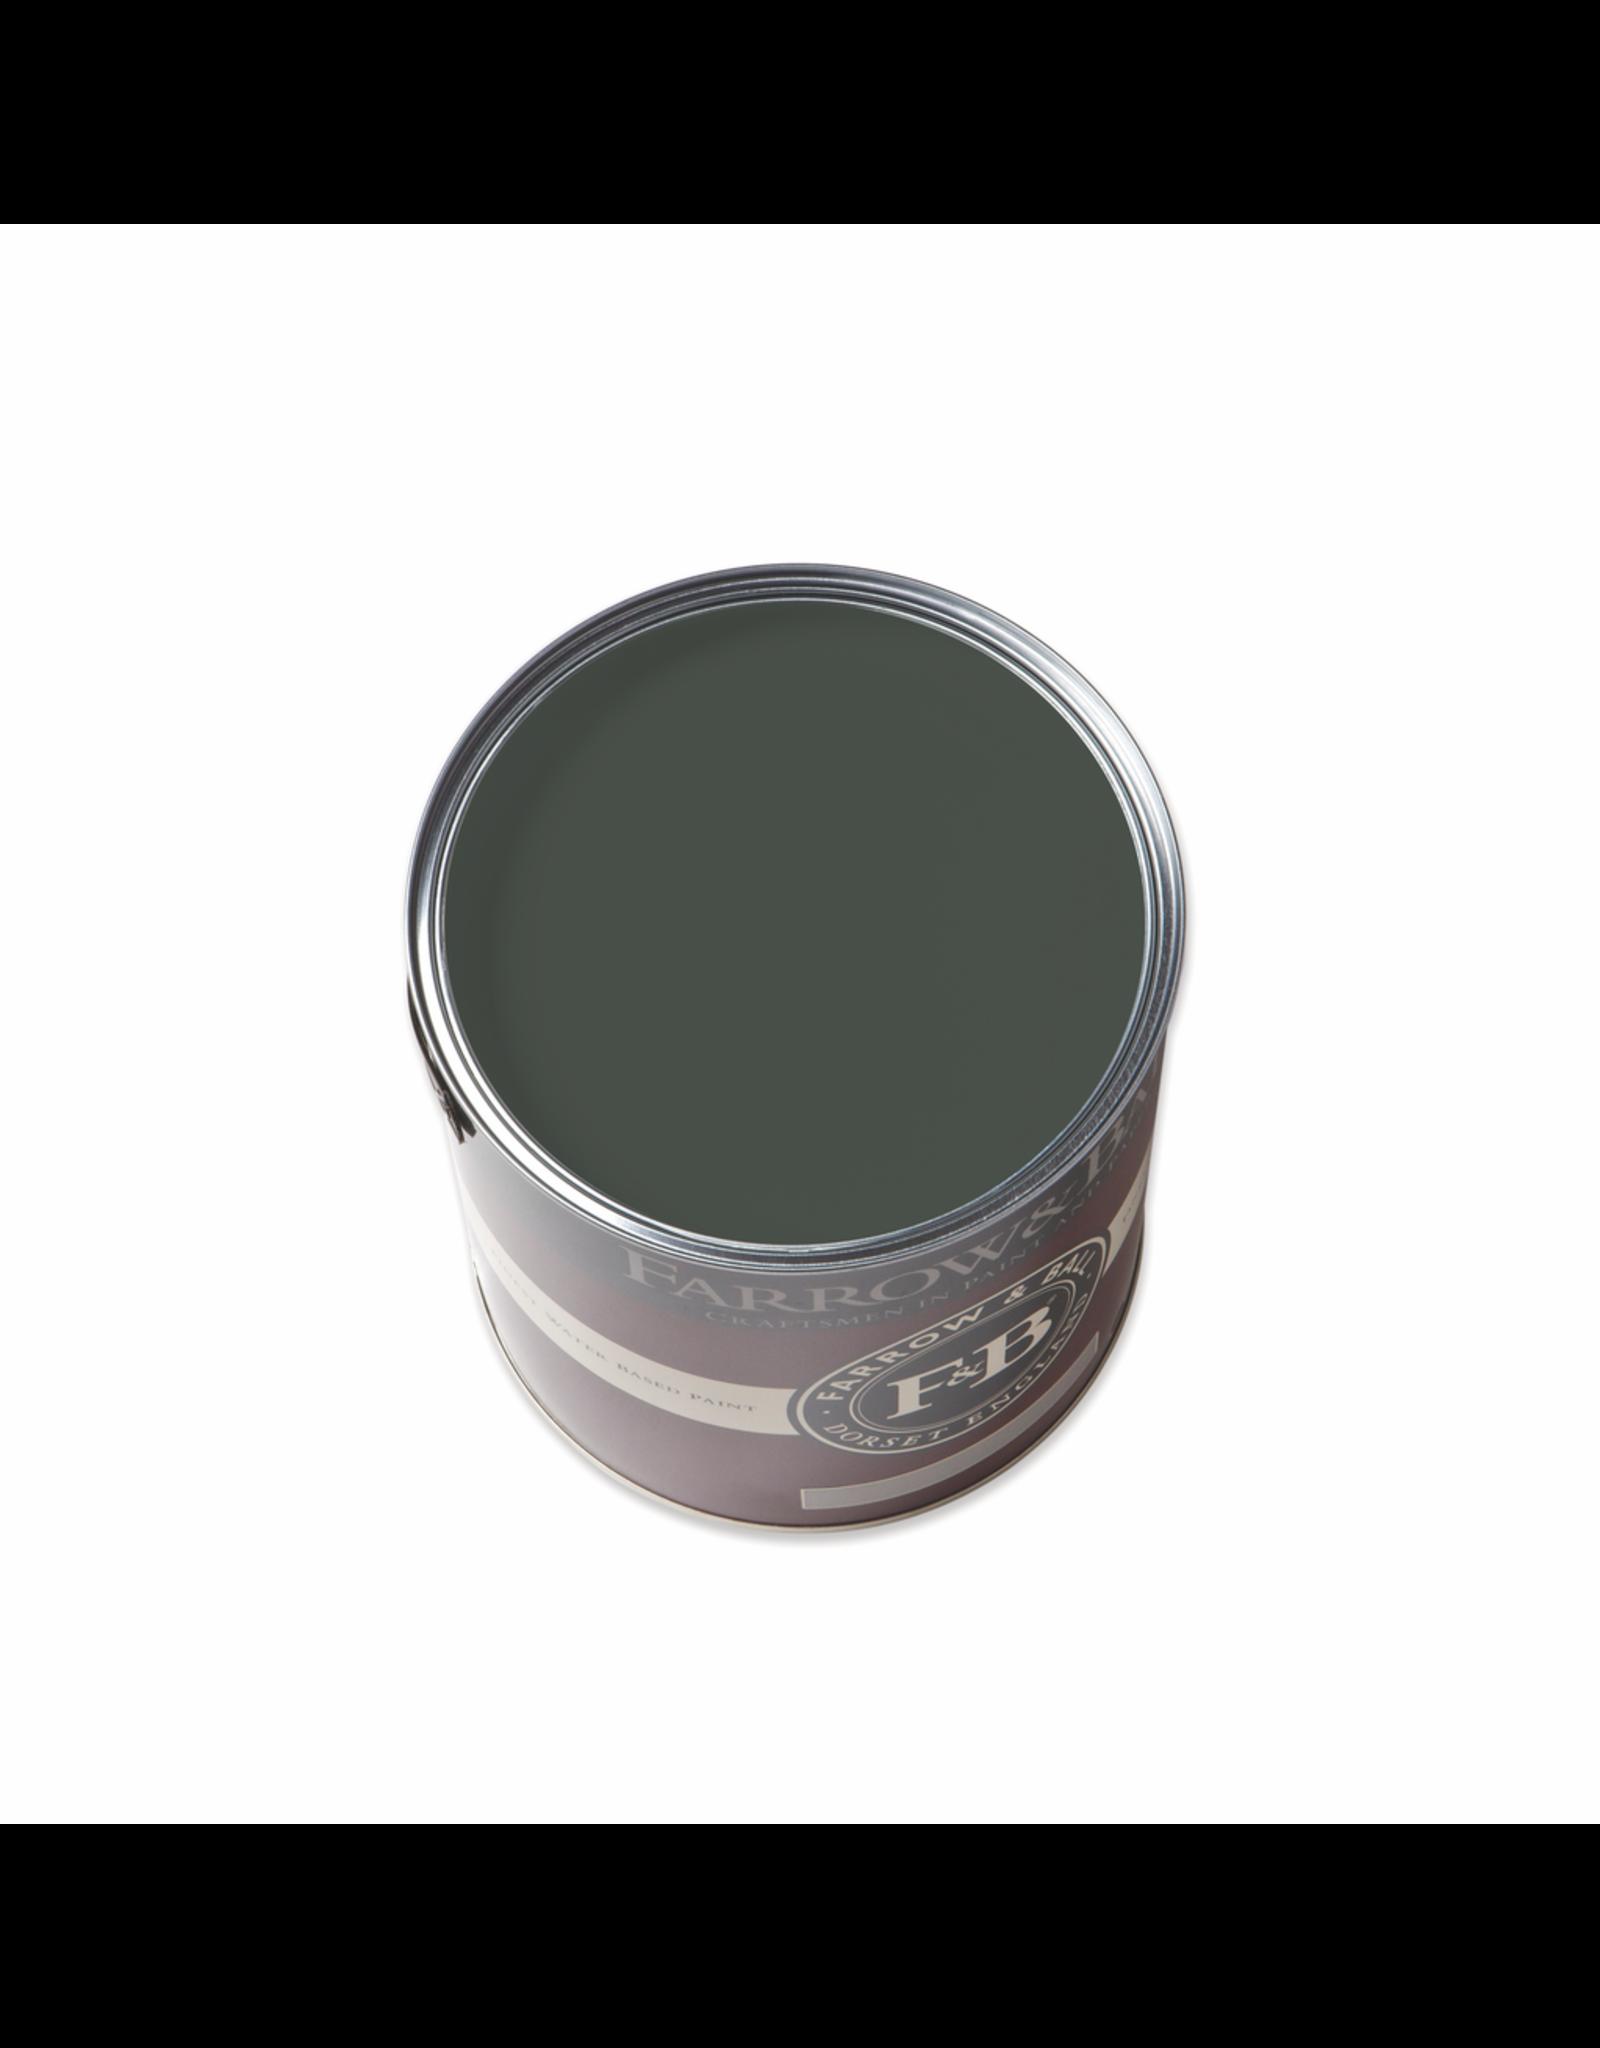 Farrow and Ball Gallon Modern Emulsion Studio Green No. 93